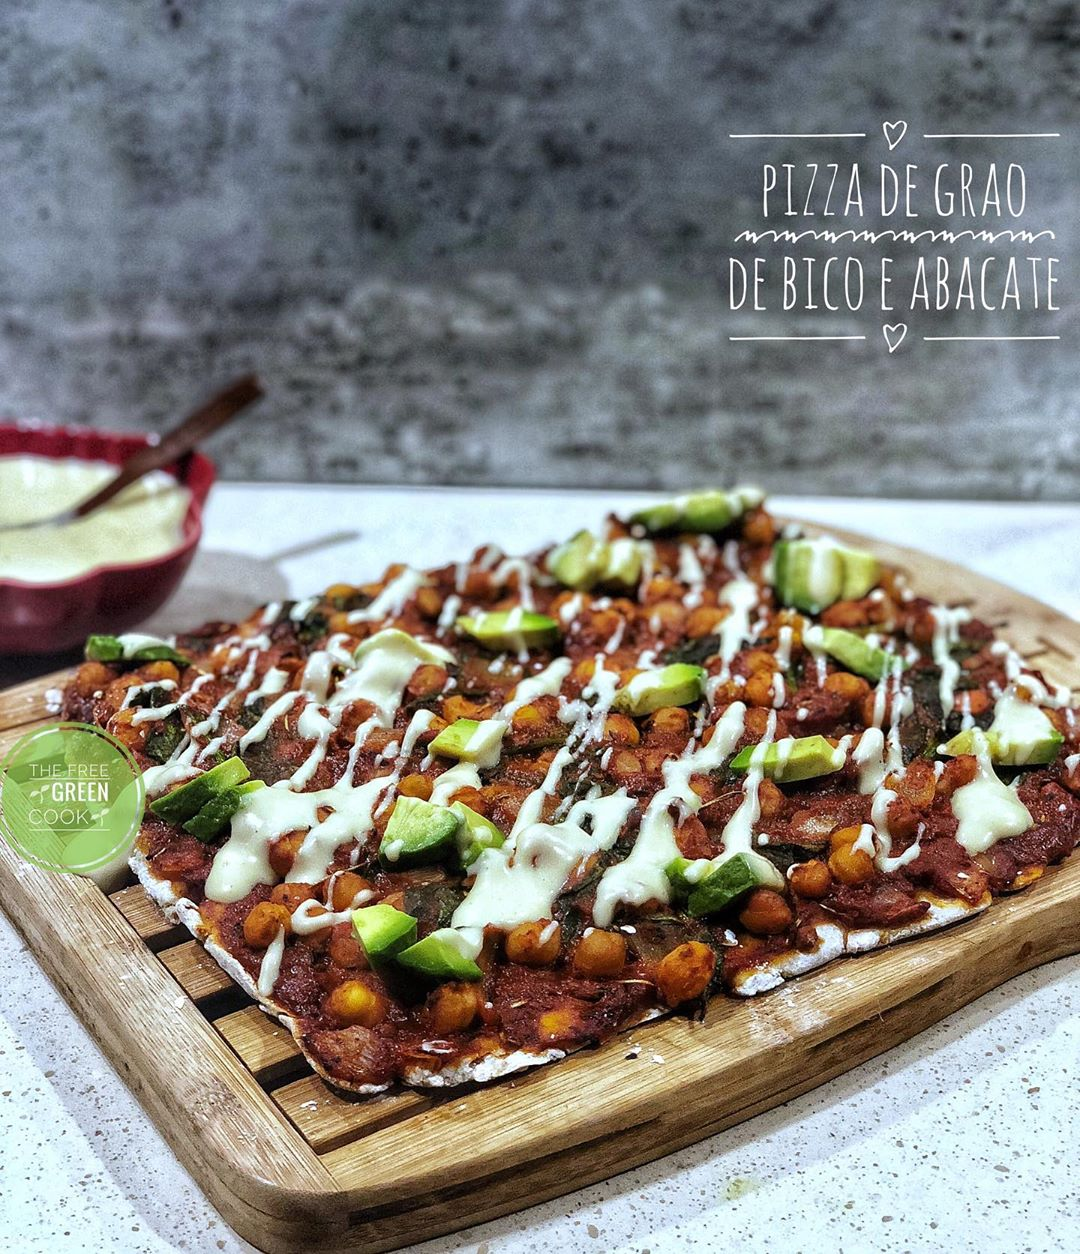 Pizza de grão de bico, abacate [Vegan]